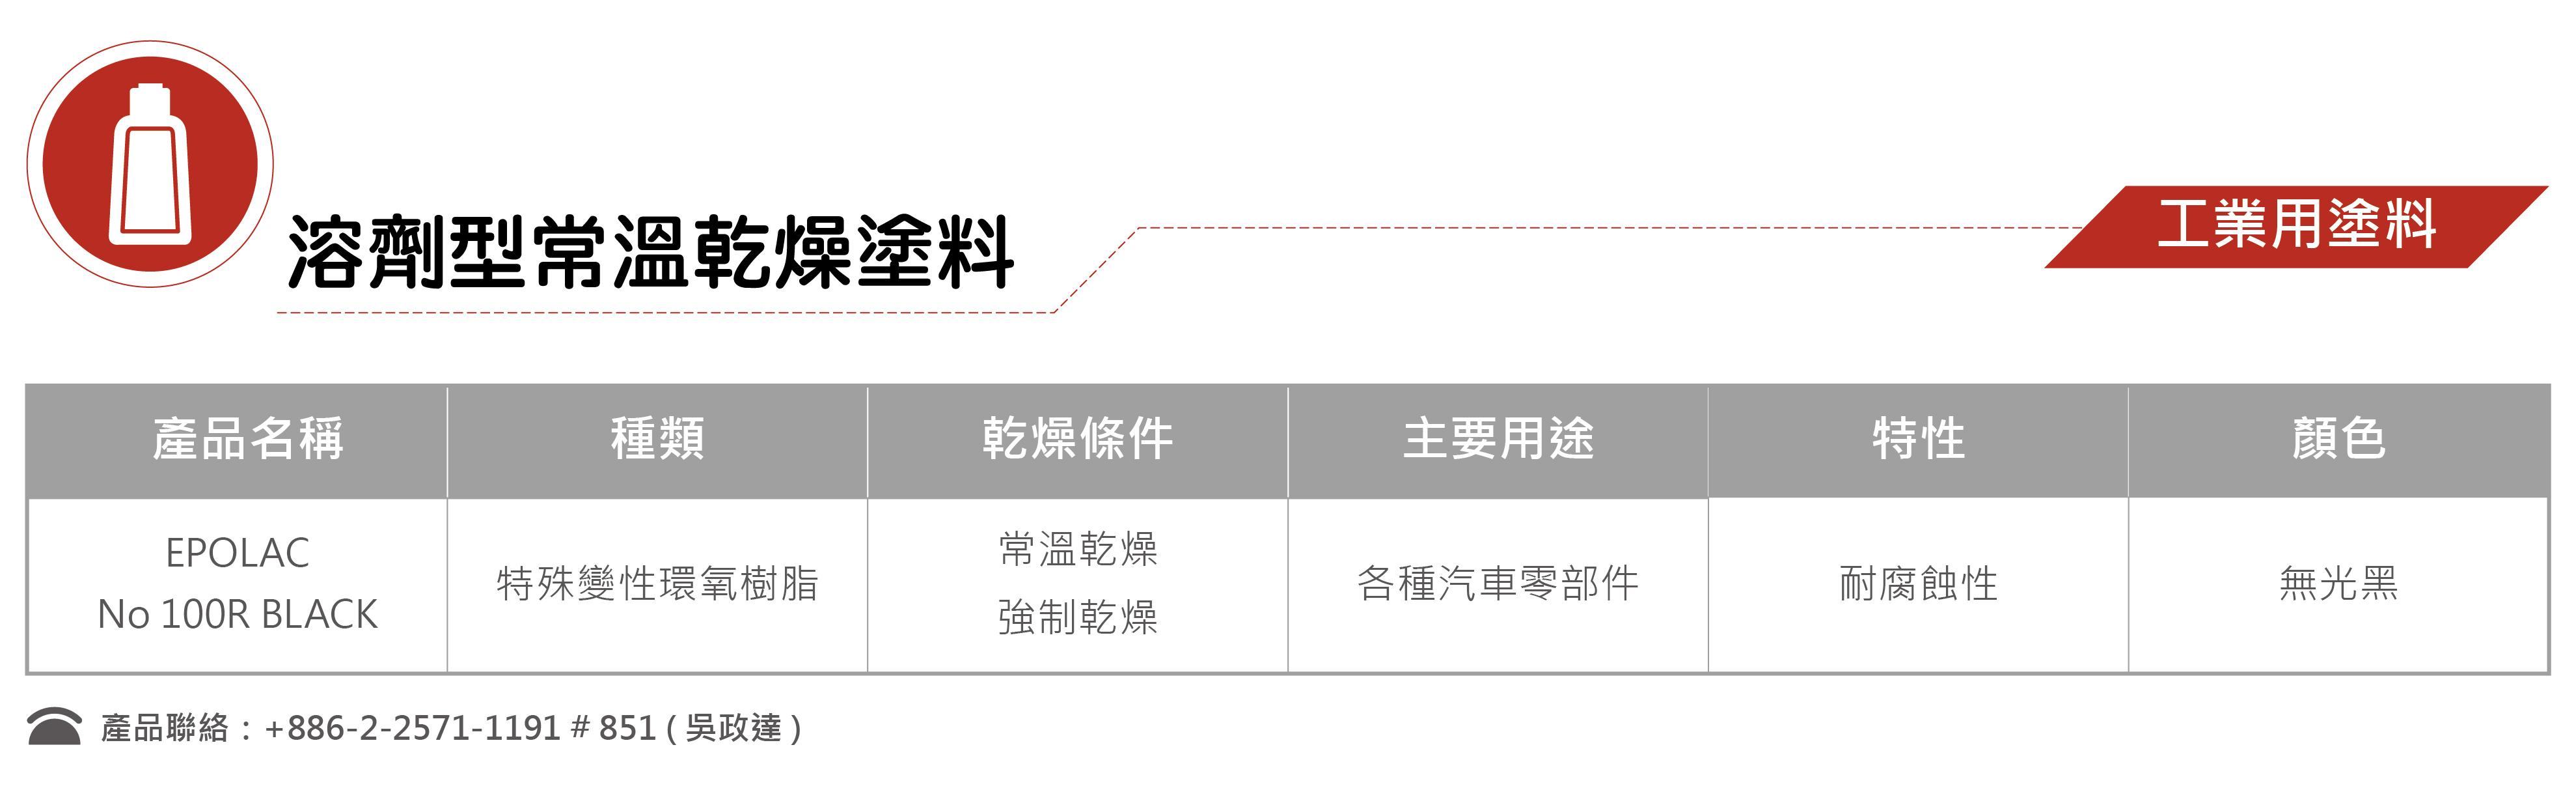 6-1溶劑型常溫乾燥塗料